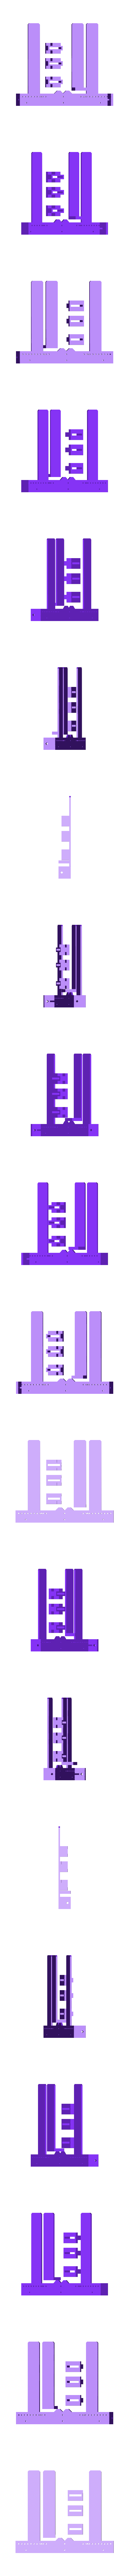 CabinetHandleJigRevA.stl Télécharger fichier STL gratuit Gabarit de manutention du cabinet • Design pour impression 3D, ThinkSolutions